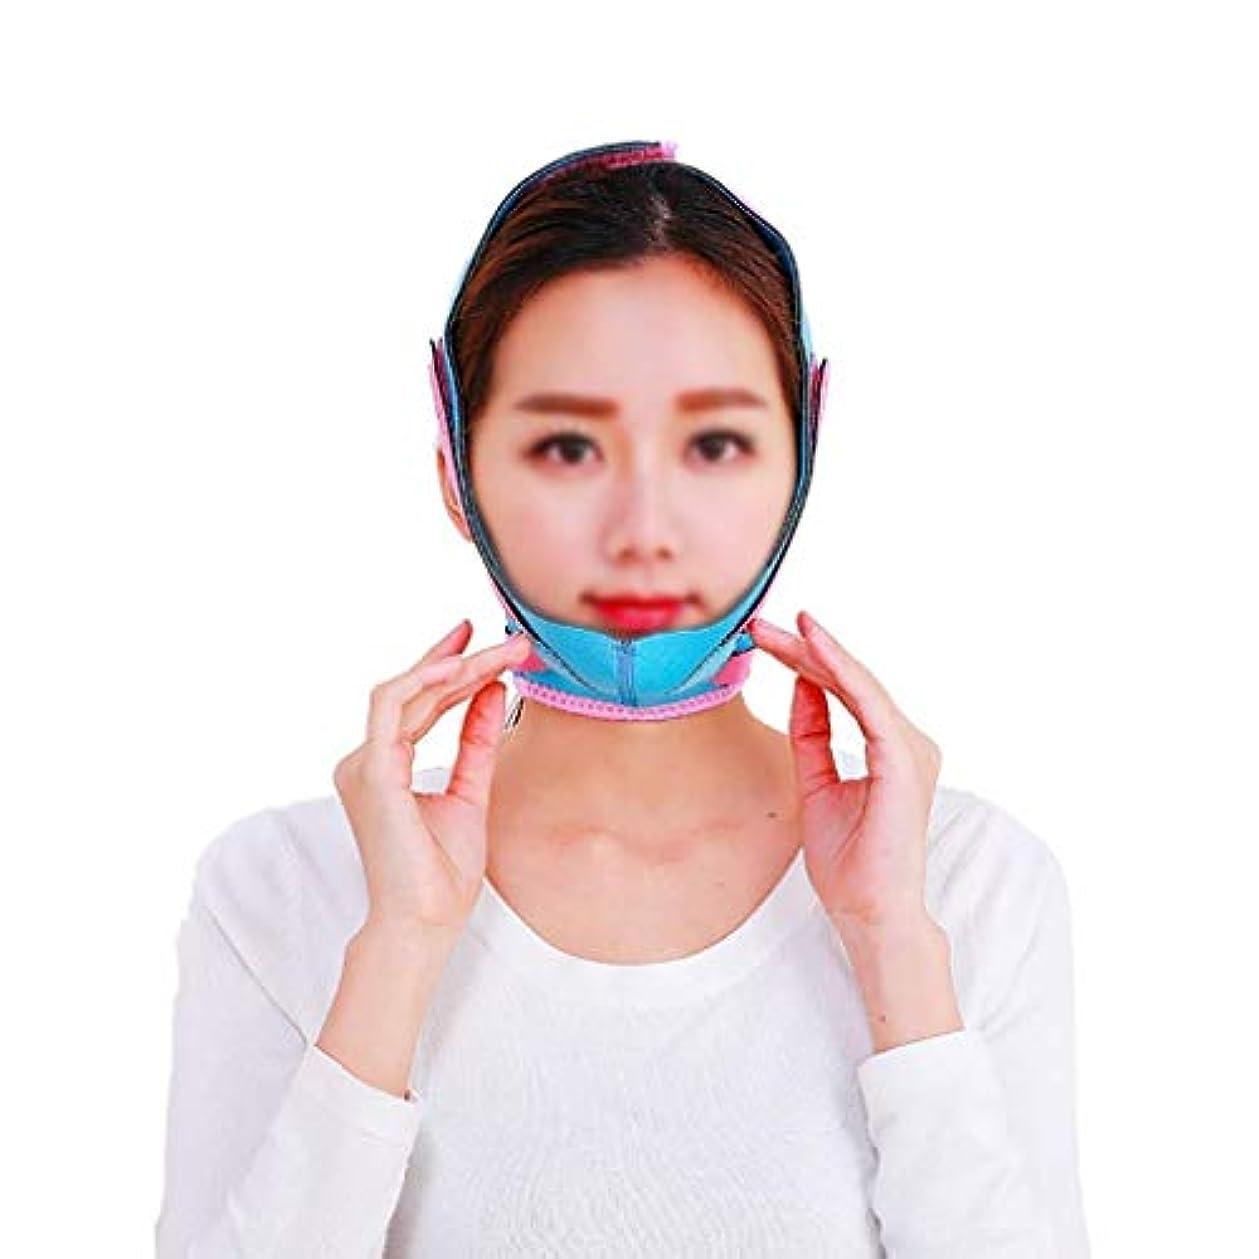 ぺディカブ残酷なパターン顔と首のリフト、男性と女性のフェイスリフトアーティファクトシュリンクマスクを強化輪郭の救済ドループ筋肉引き締め肌弾性V顔包帯